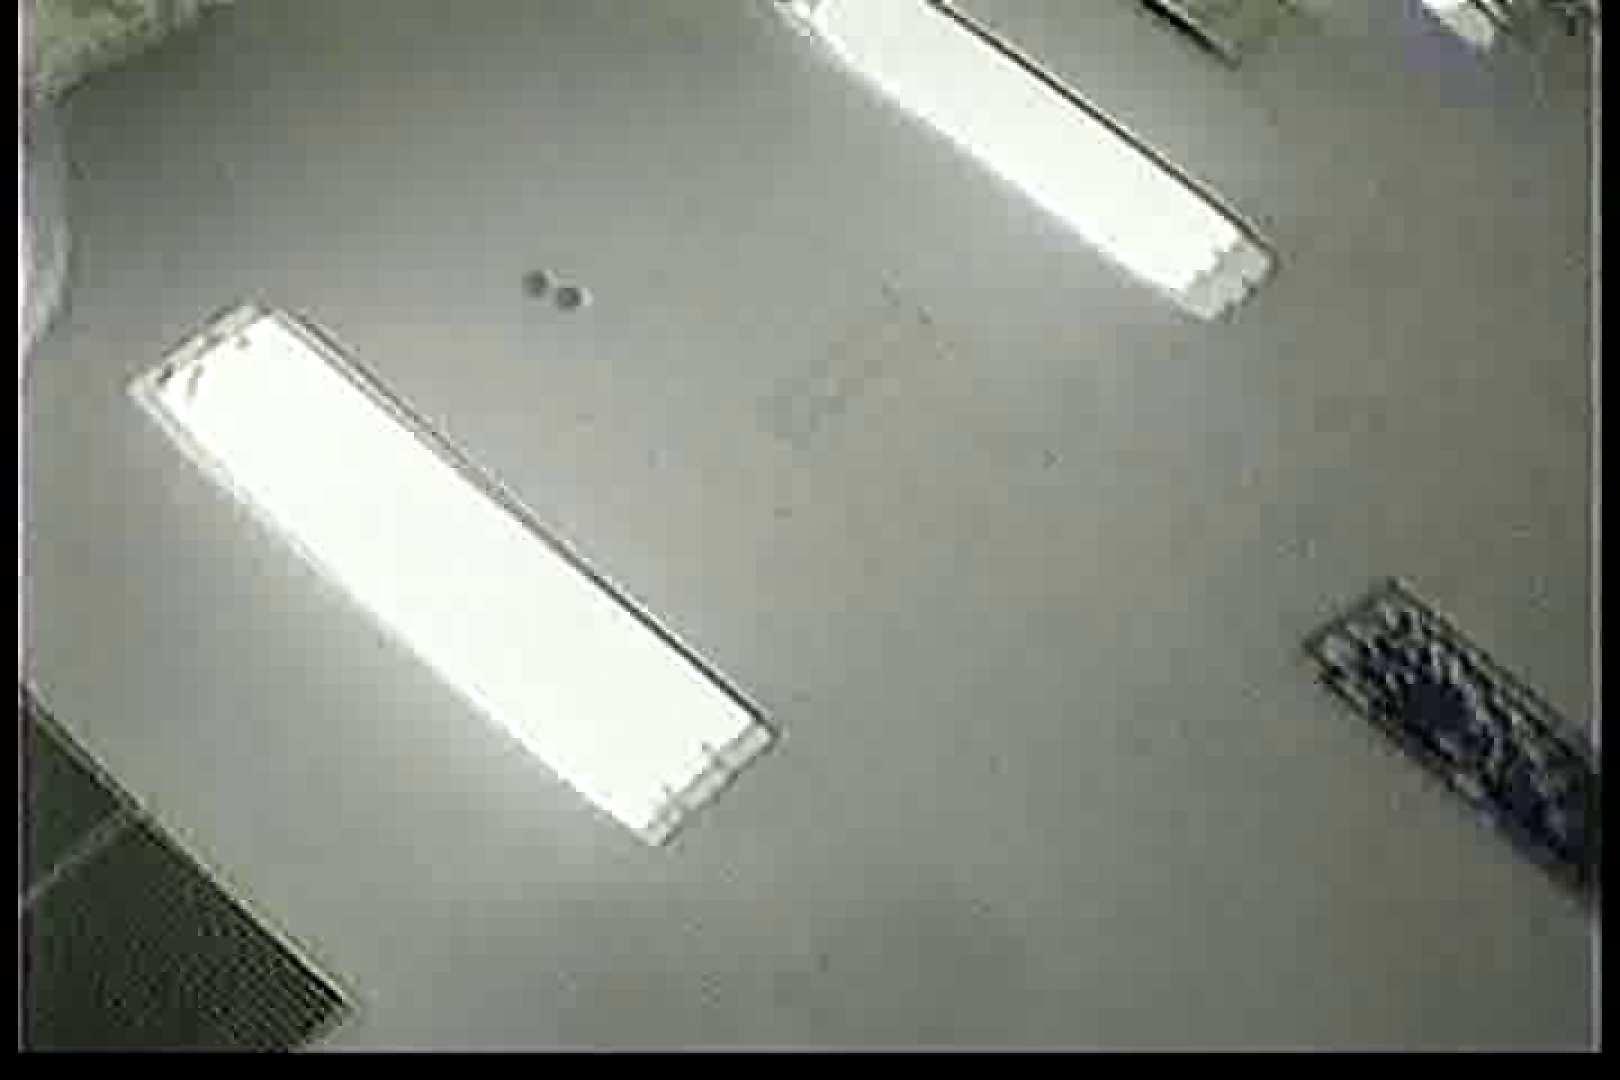 院内密着!看護婦達の下半身事情Vol.2 覗き 性交動画流出 105PIX 29